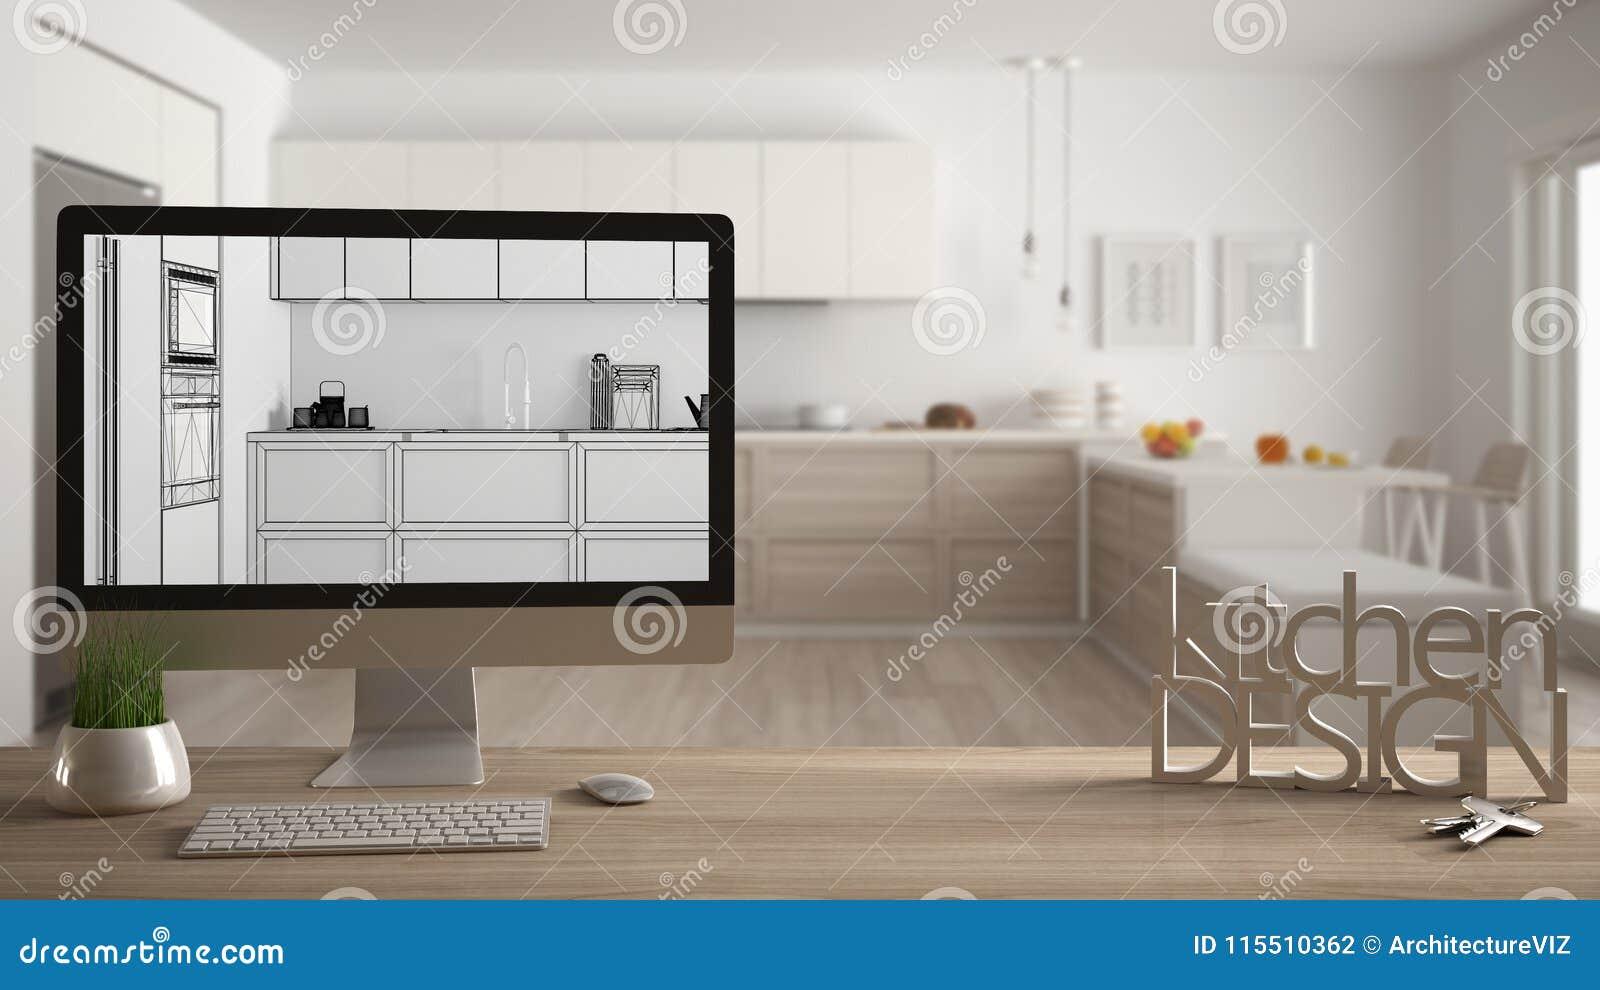 Conceito do projeto do desenhista do arquiteto, tabela de madeira com chaves da casa, projeto da cozinha das letras e desktop que